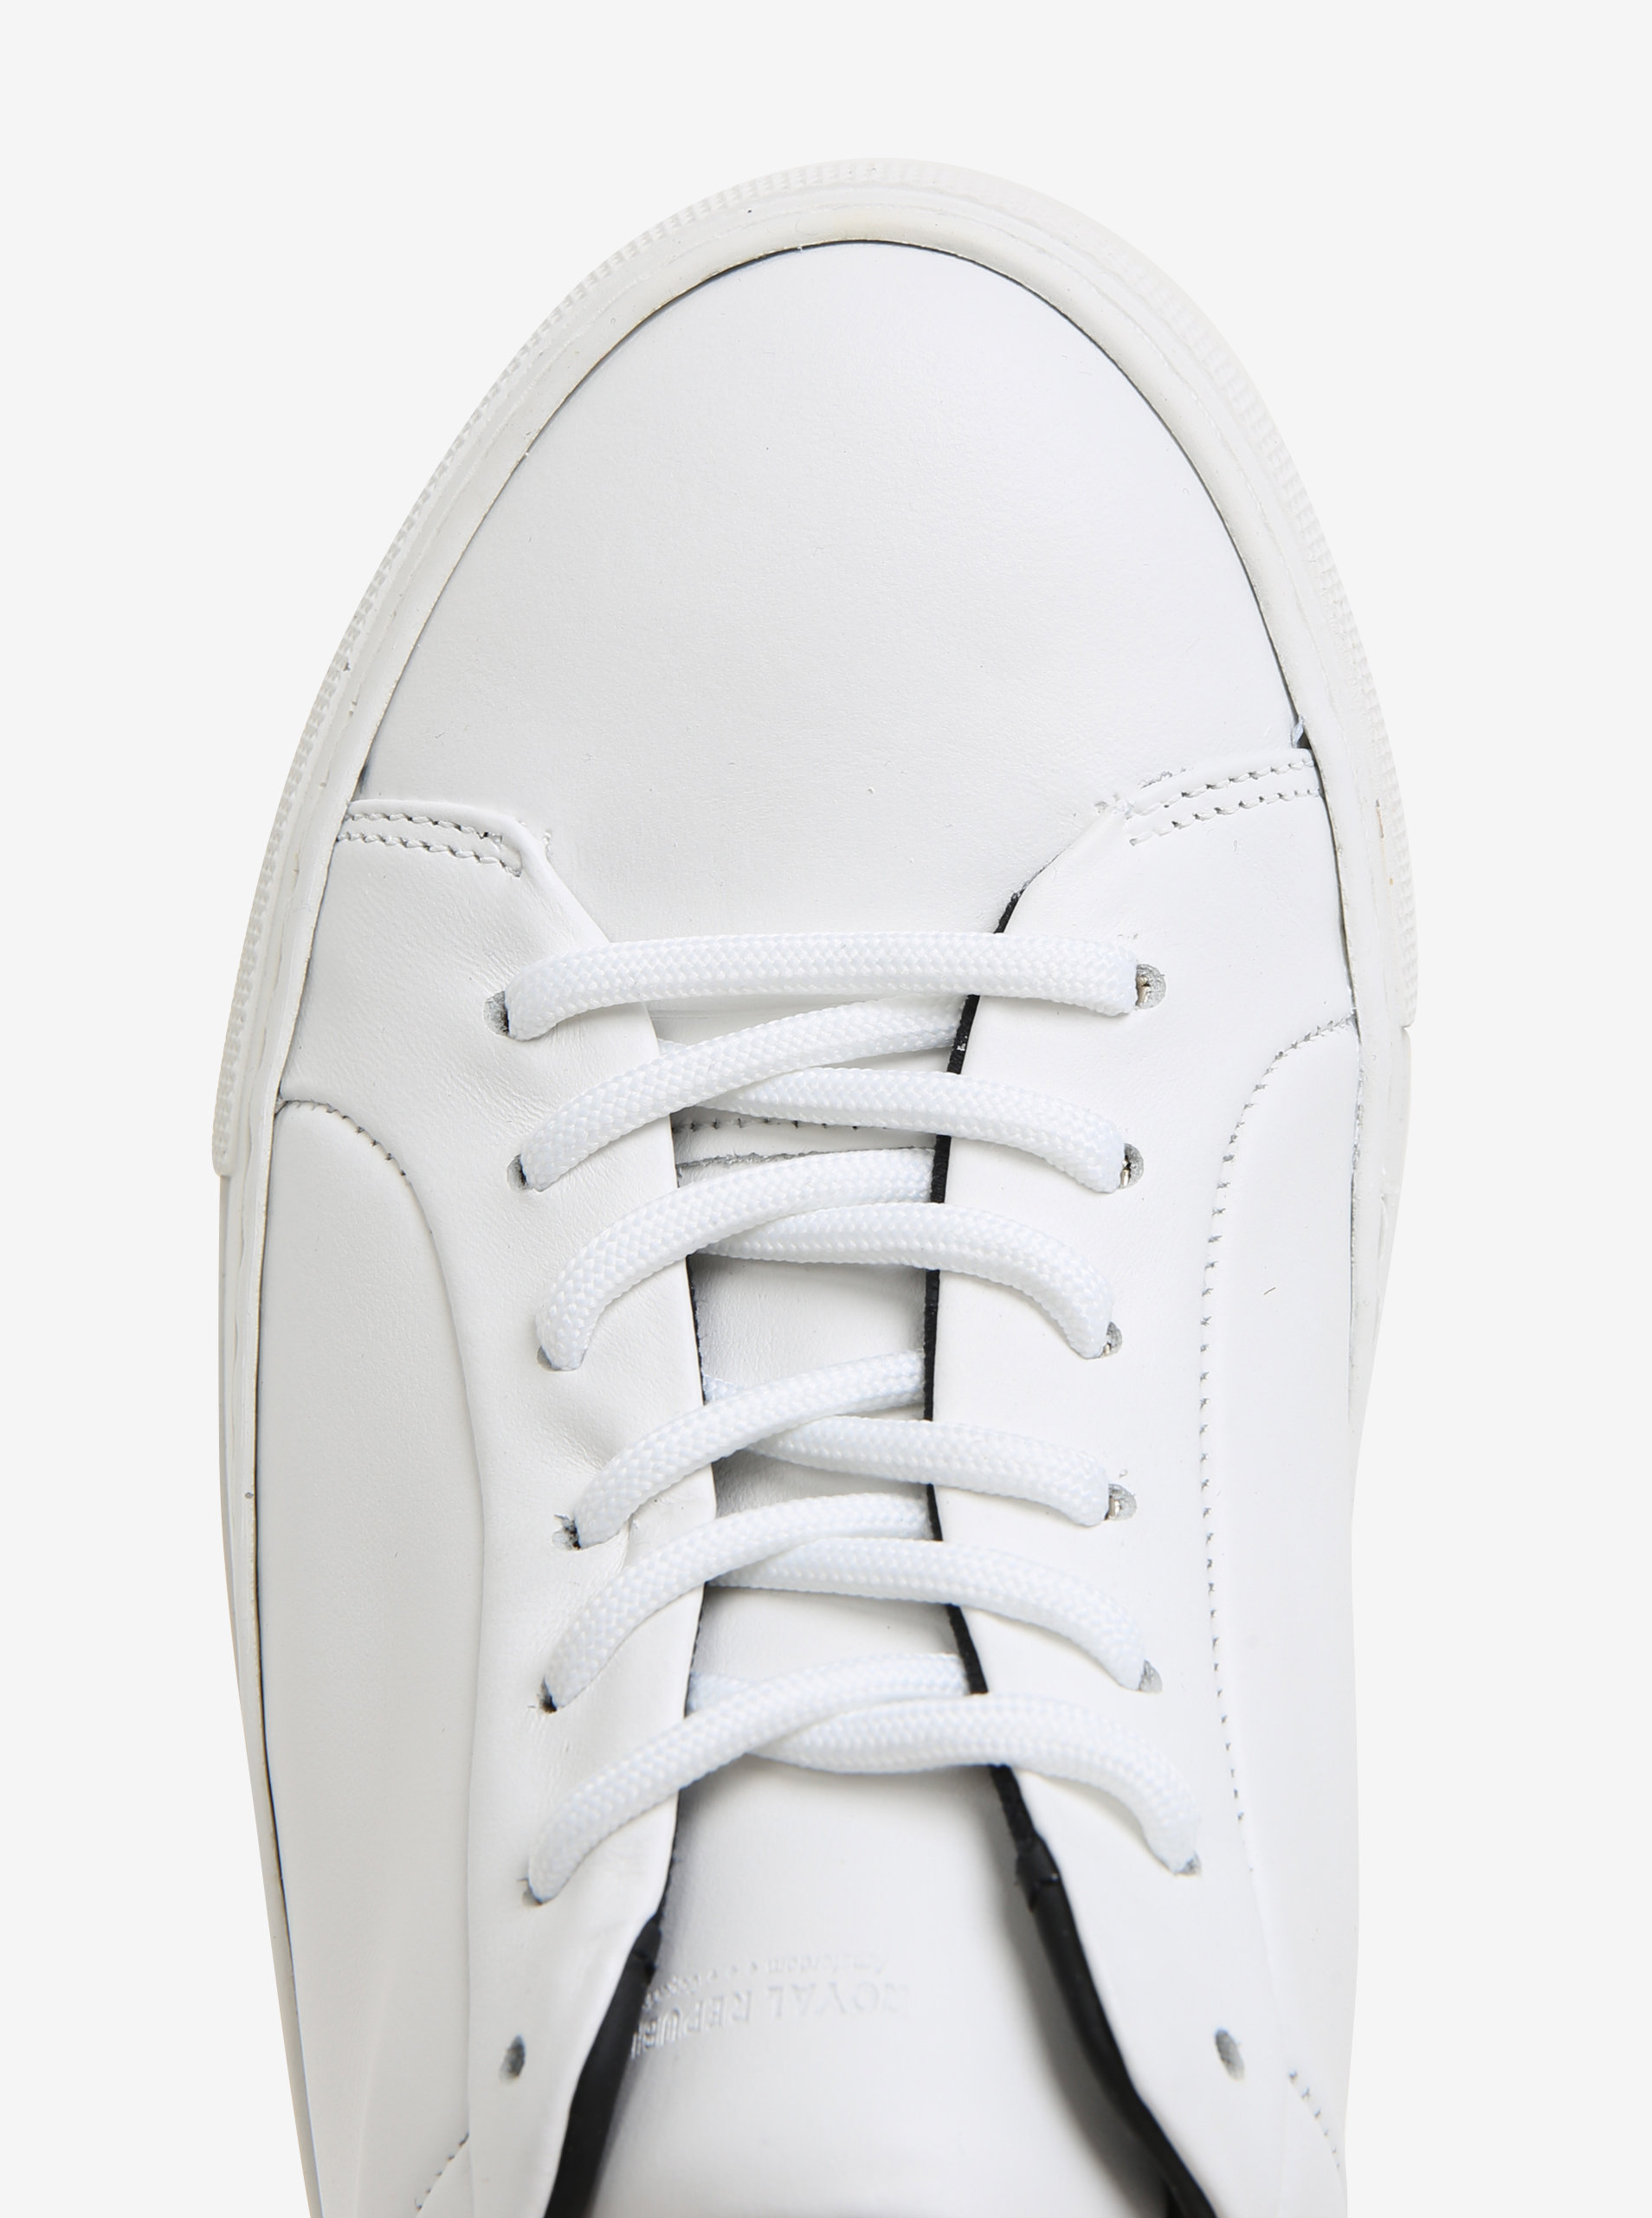 c86f7627d3 Béžovo-biele dámske kožené tenisky Royal RepubliQ ...